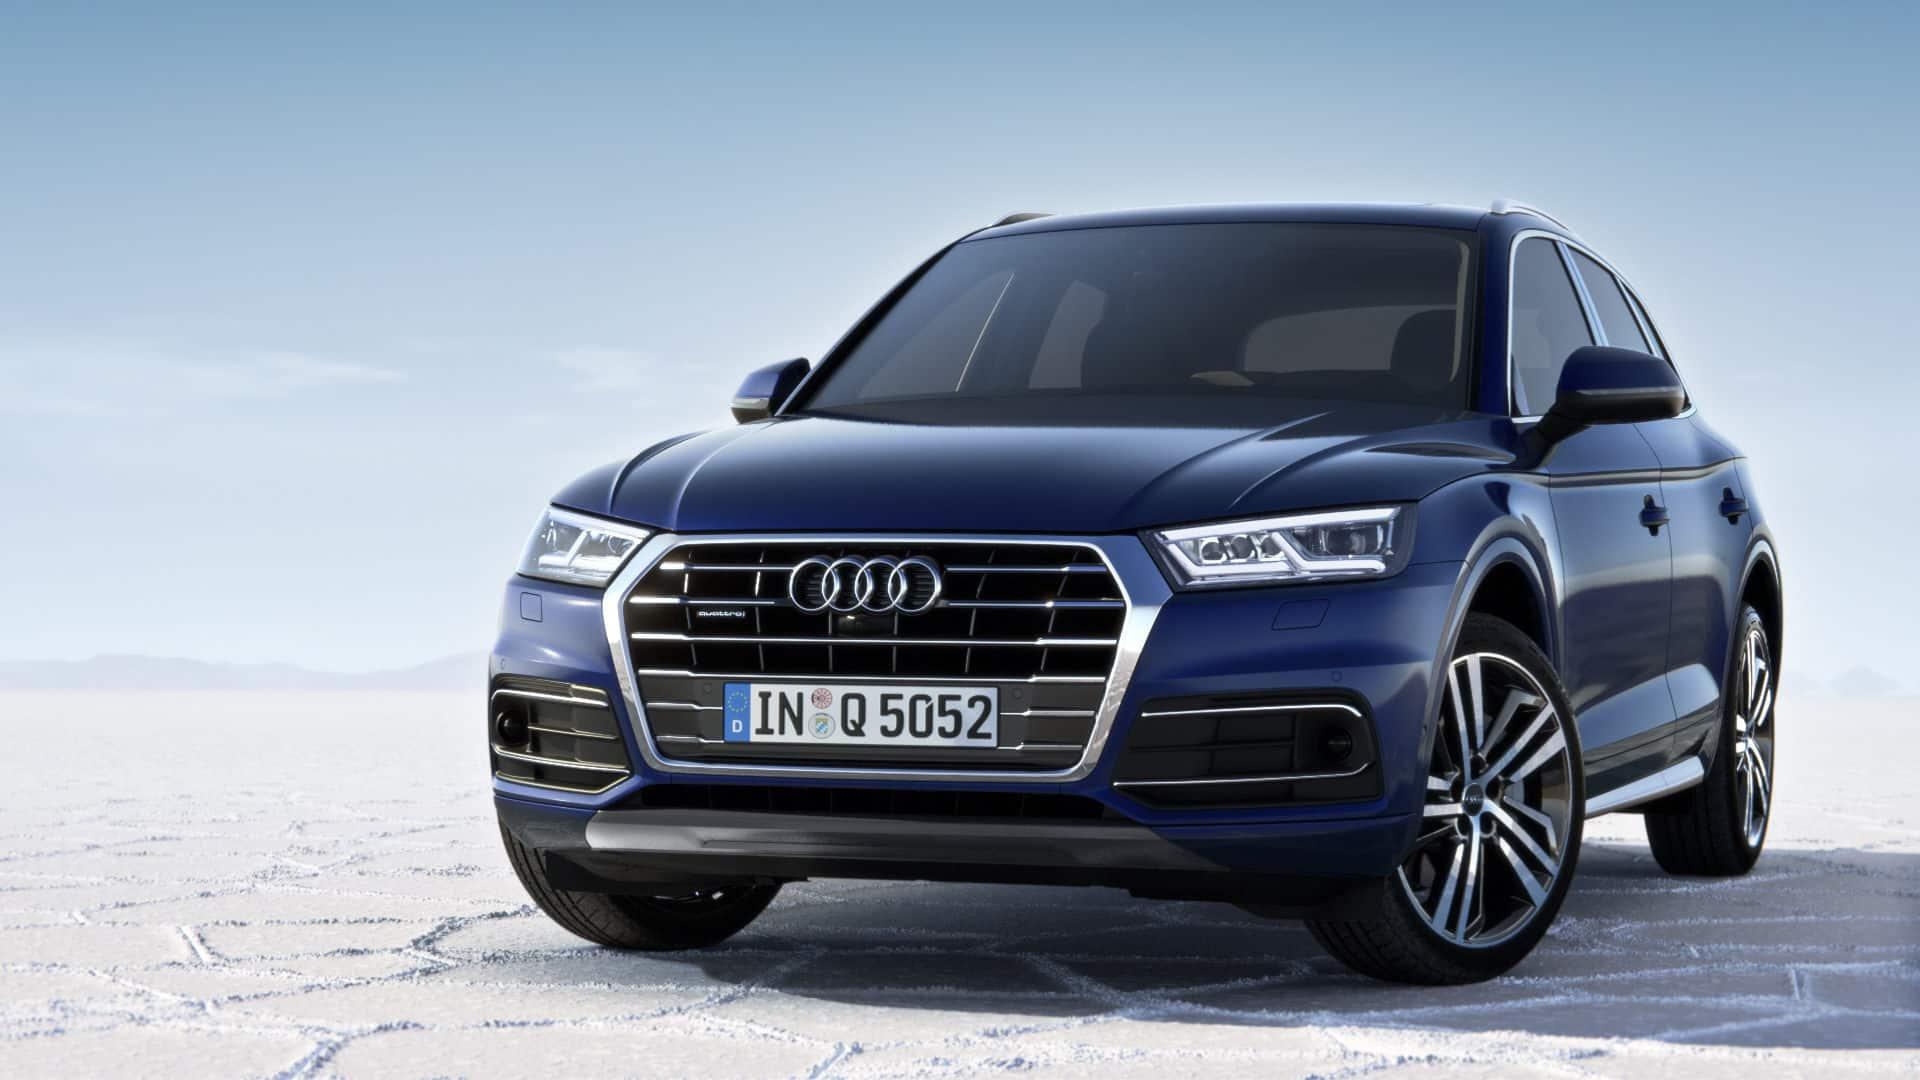 2019 Q5 Q5 Audi Canada